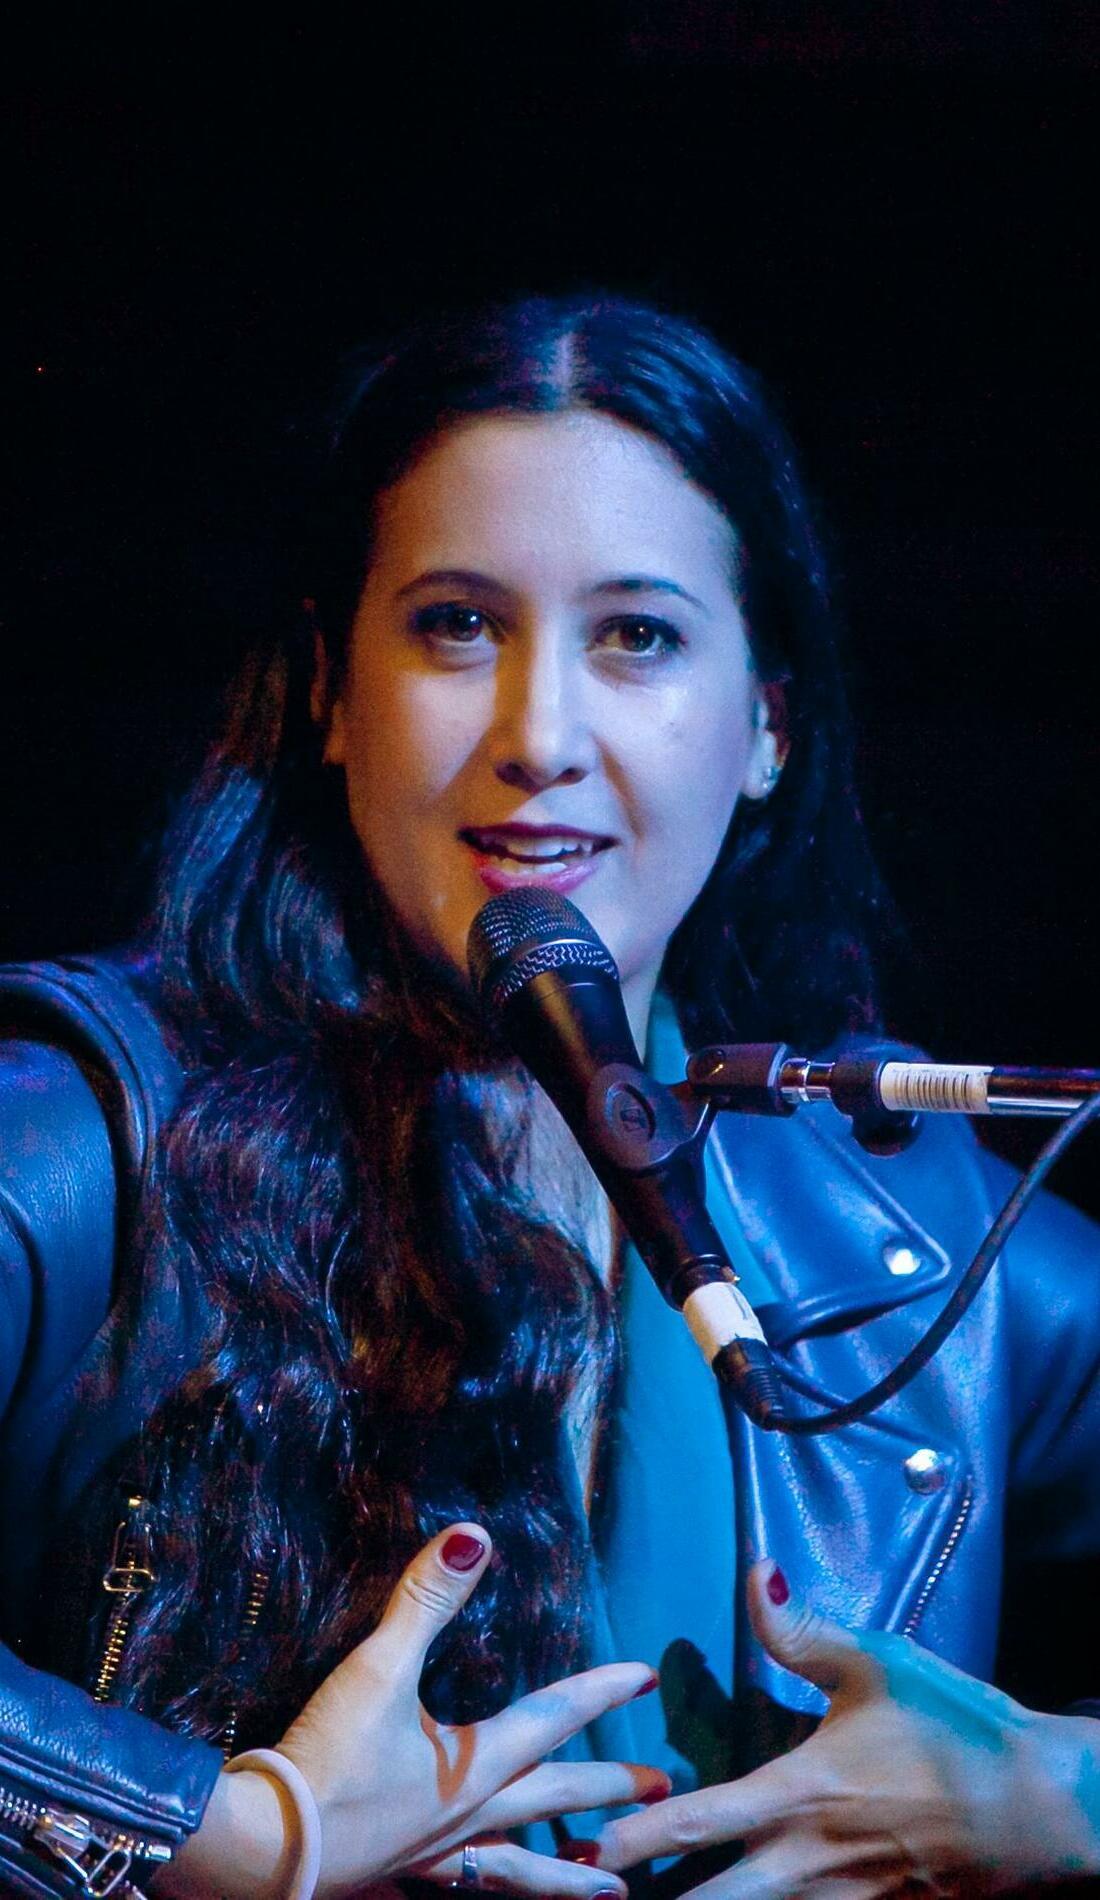 A Vanessa Carlton live event